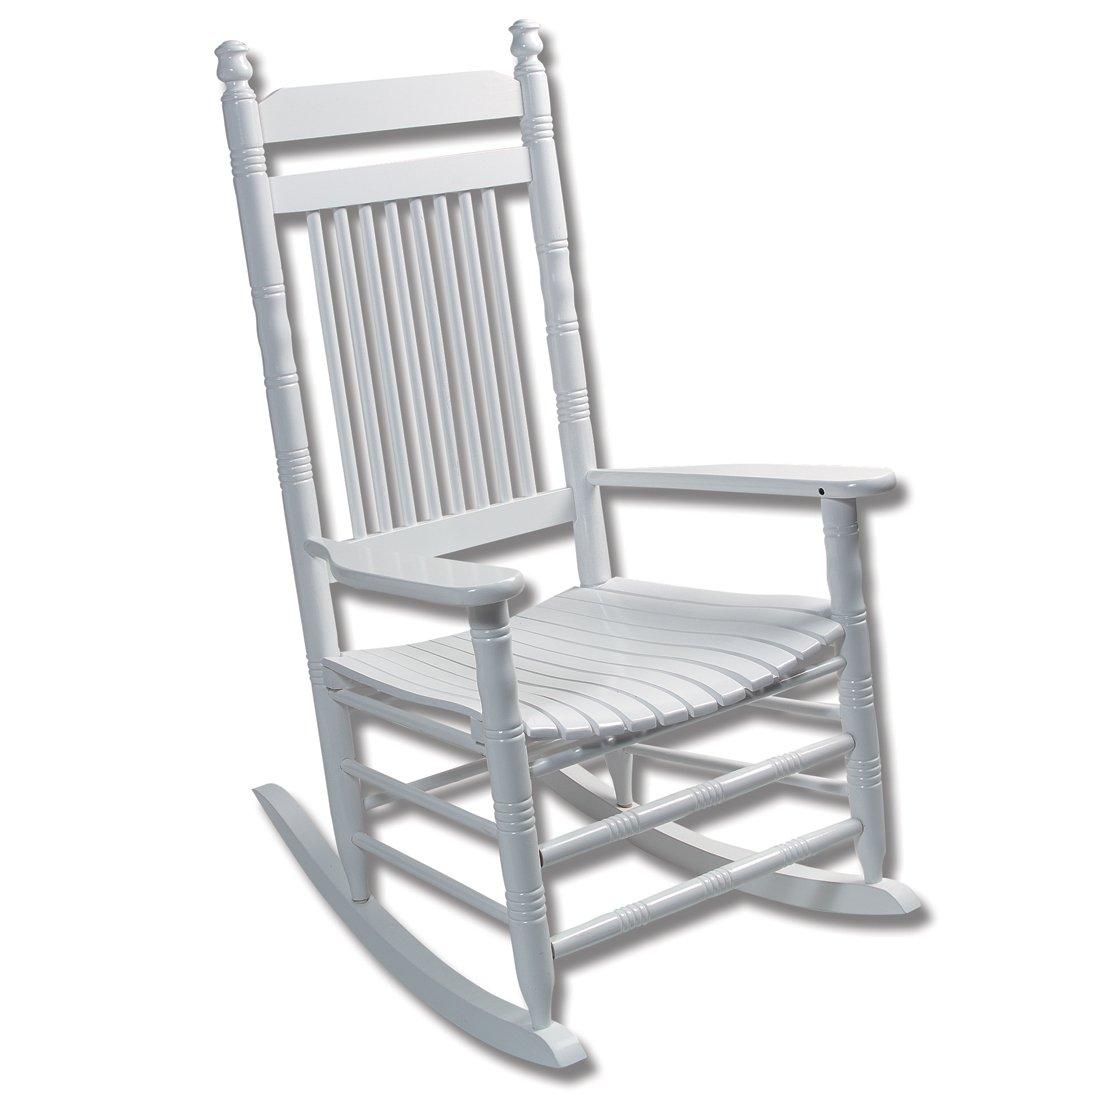 Merveilleux Fully Assembled Slat Rocking Chair   WhiteFully Assembled Slat Rocking Chair    White